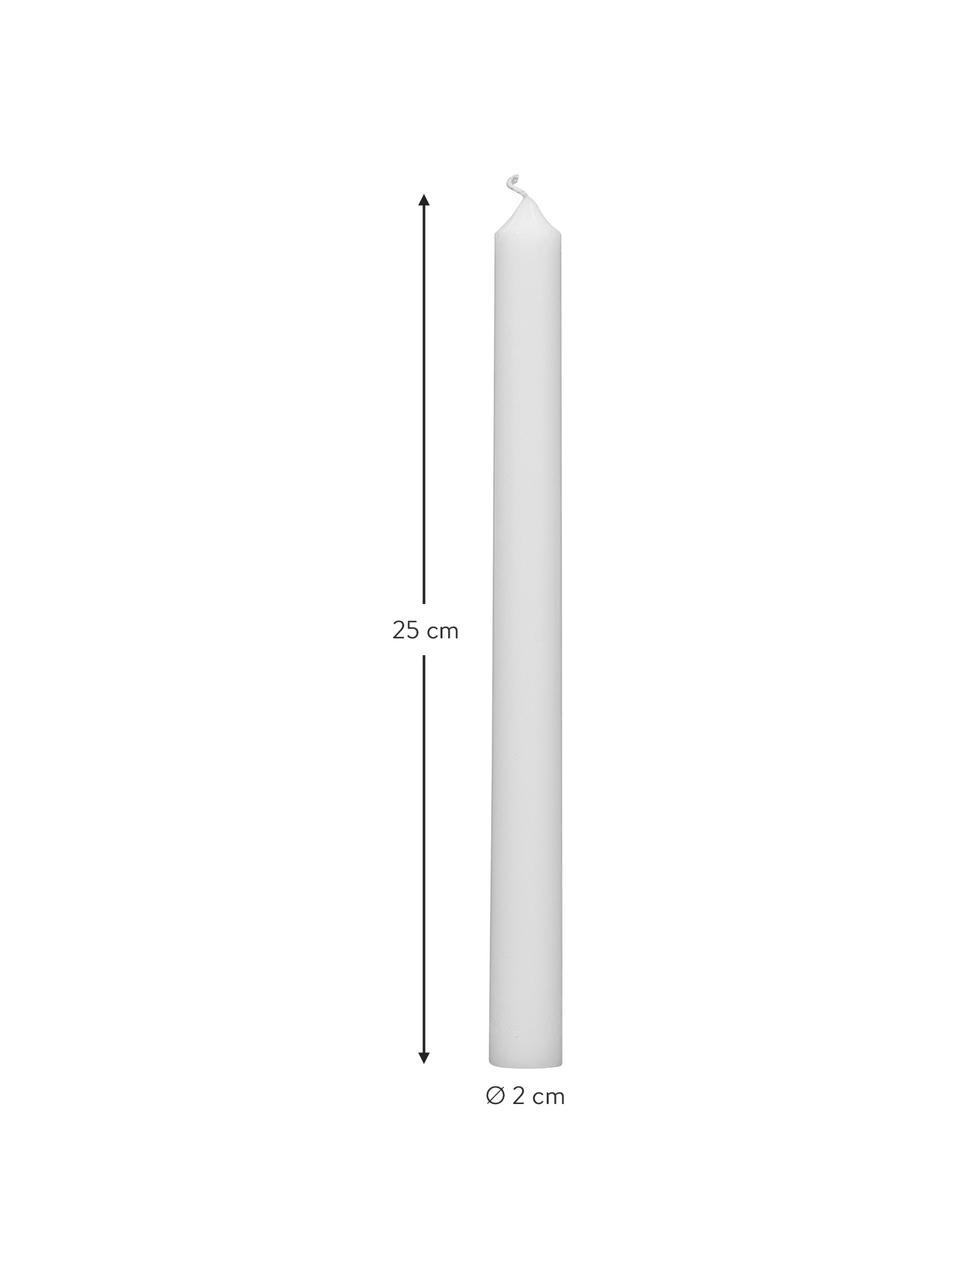 Stabkerzen Stick, 4 Stück, Paraffinwachs, Weiß, Ø 2 x H 25 cm